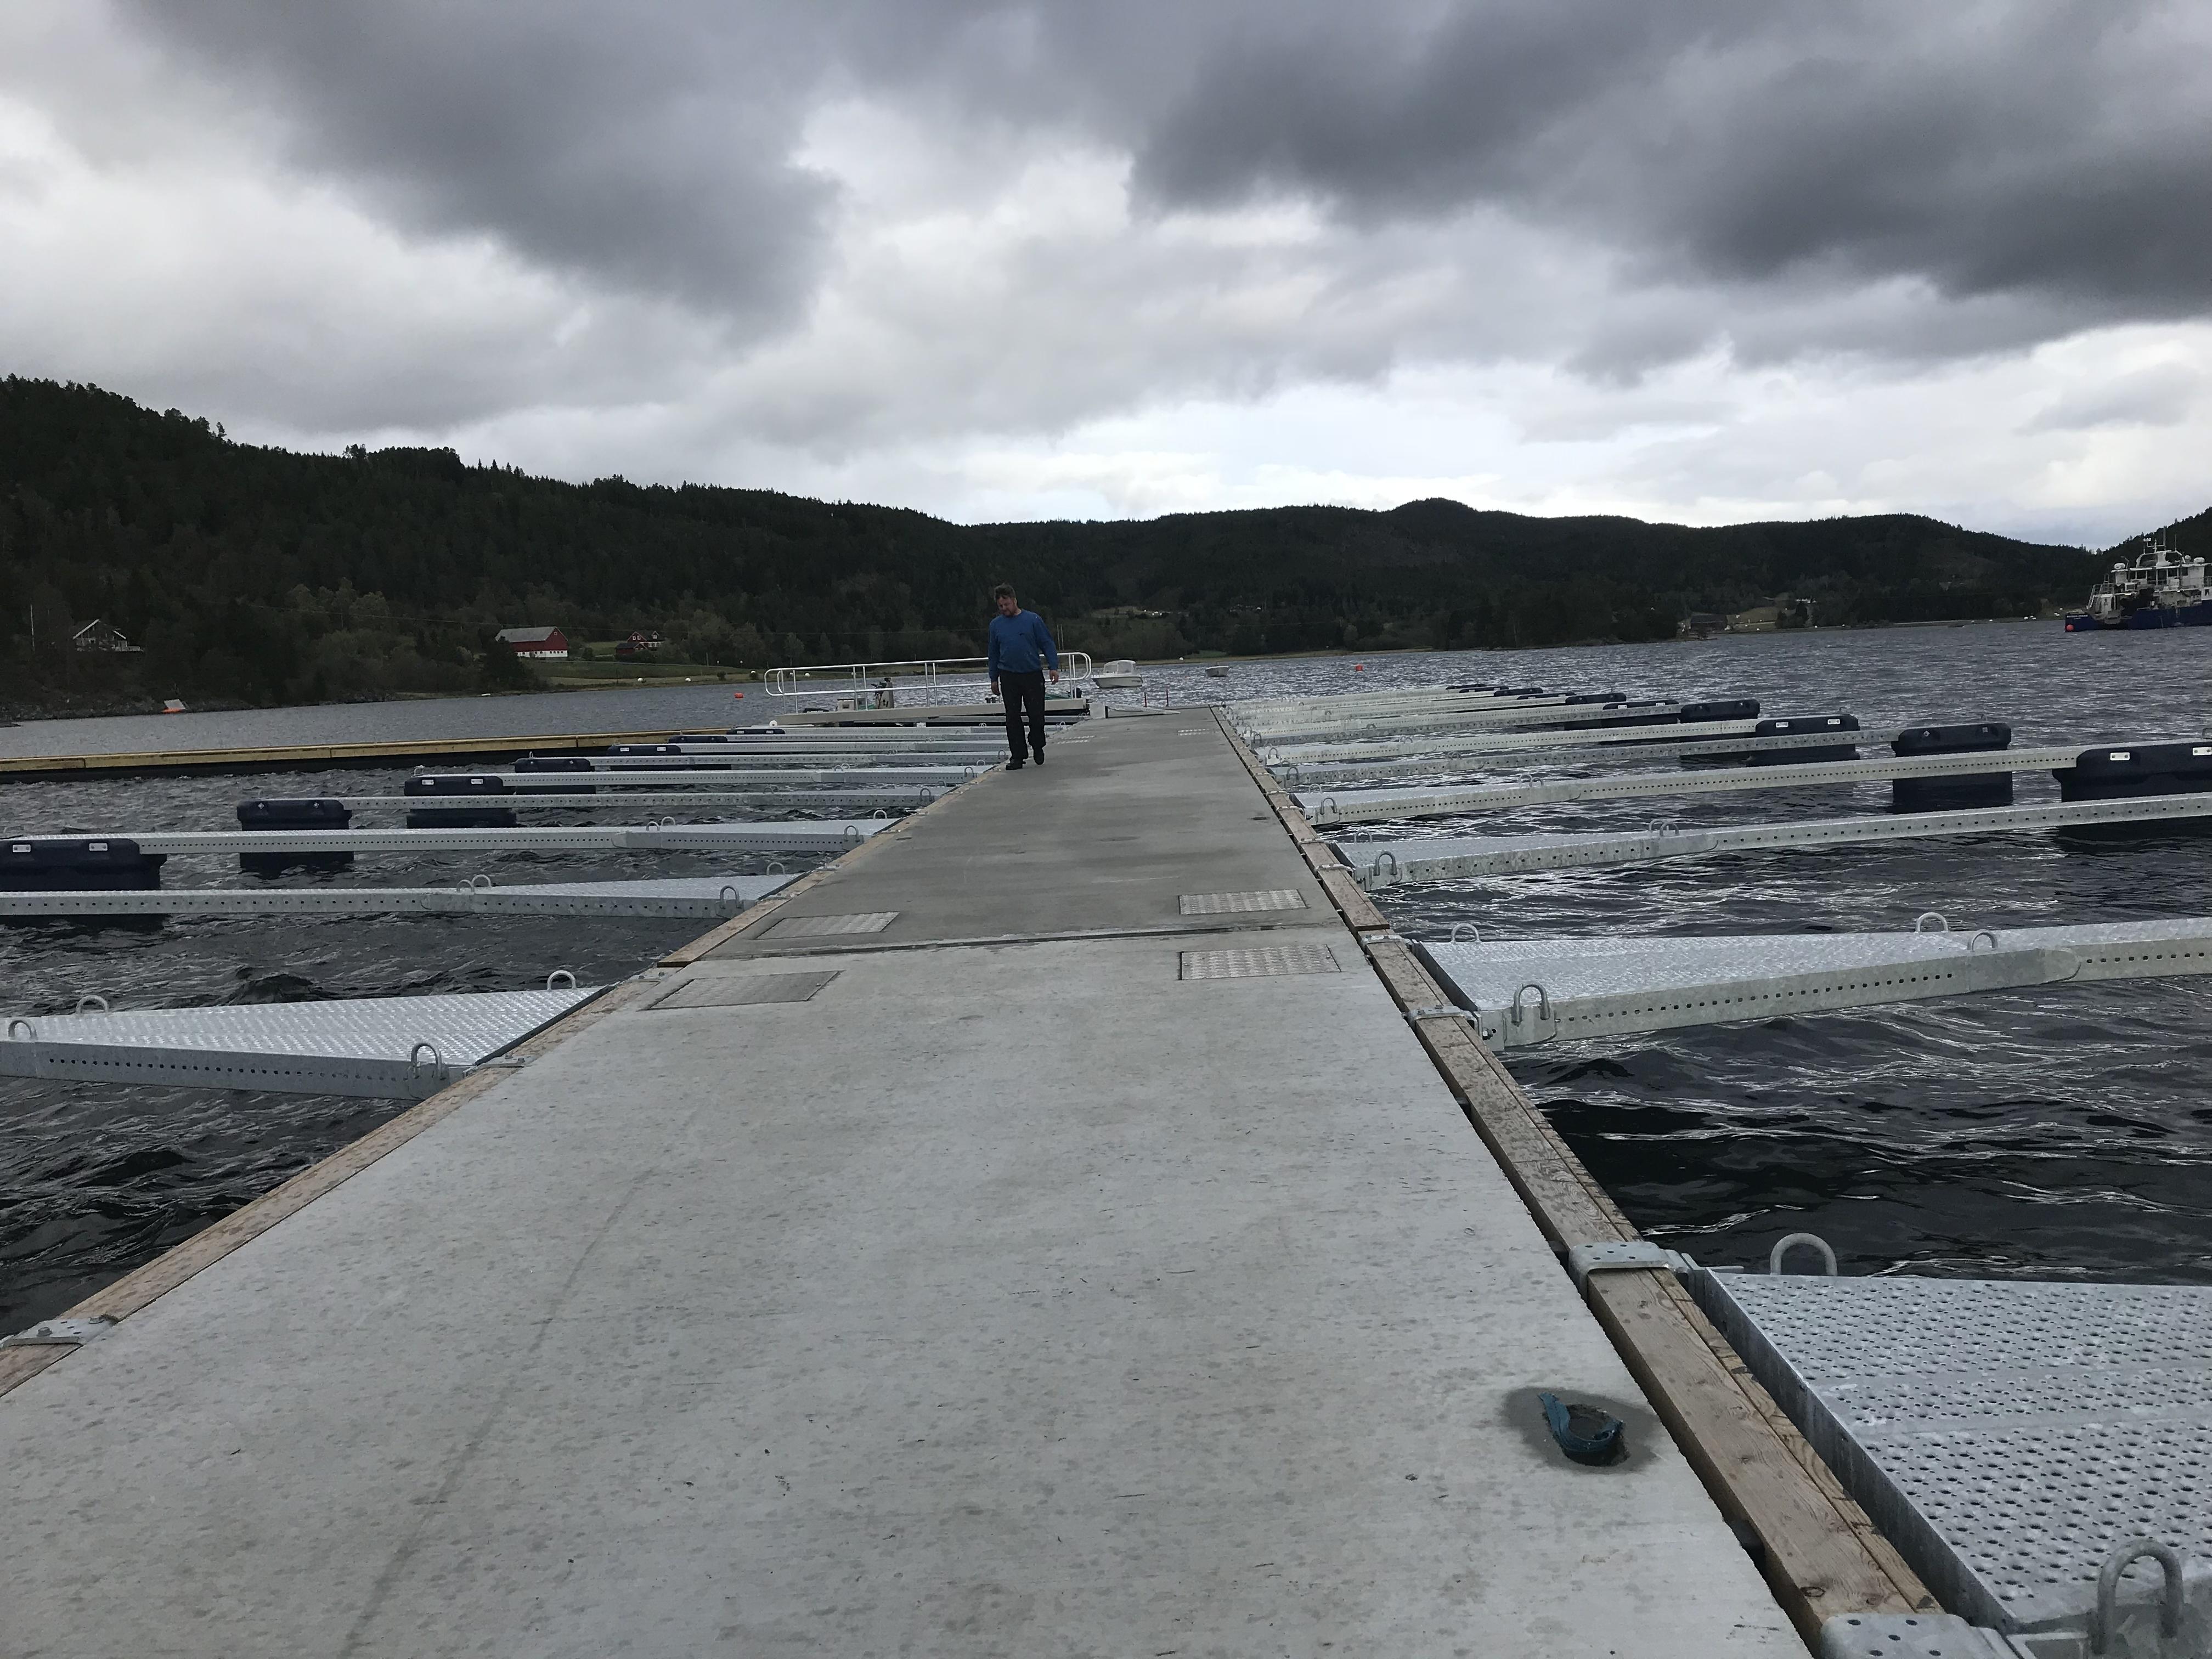 https://marinasolutions.no/uploads/Saltbuvik-Båtforening-Marina-Solutions-2018-14.jpg